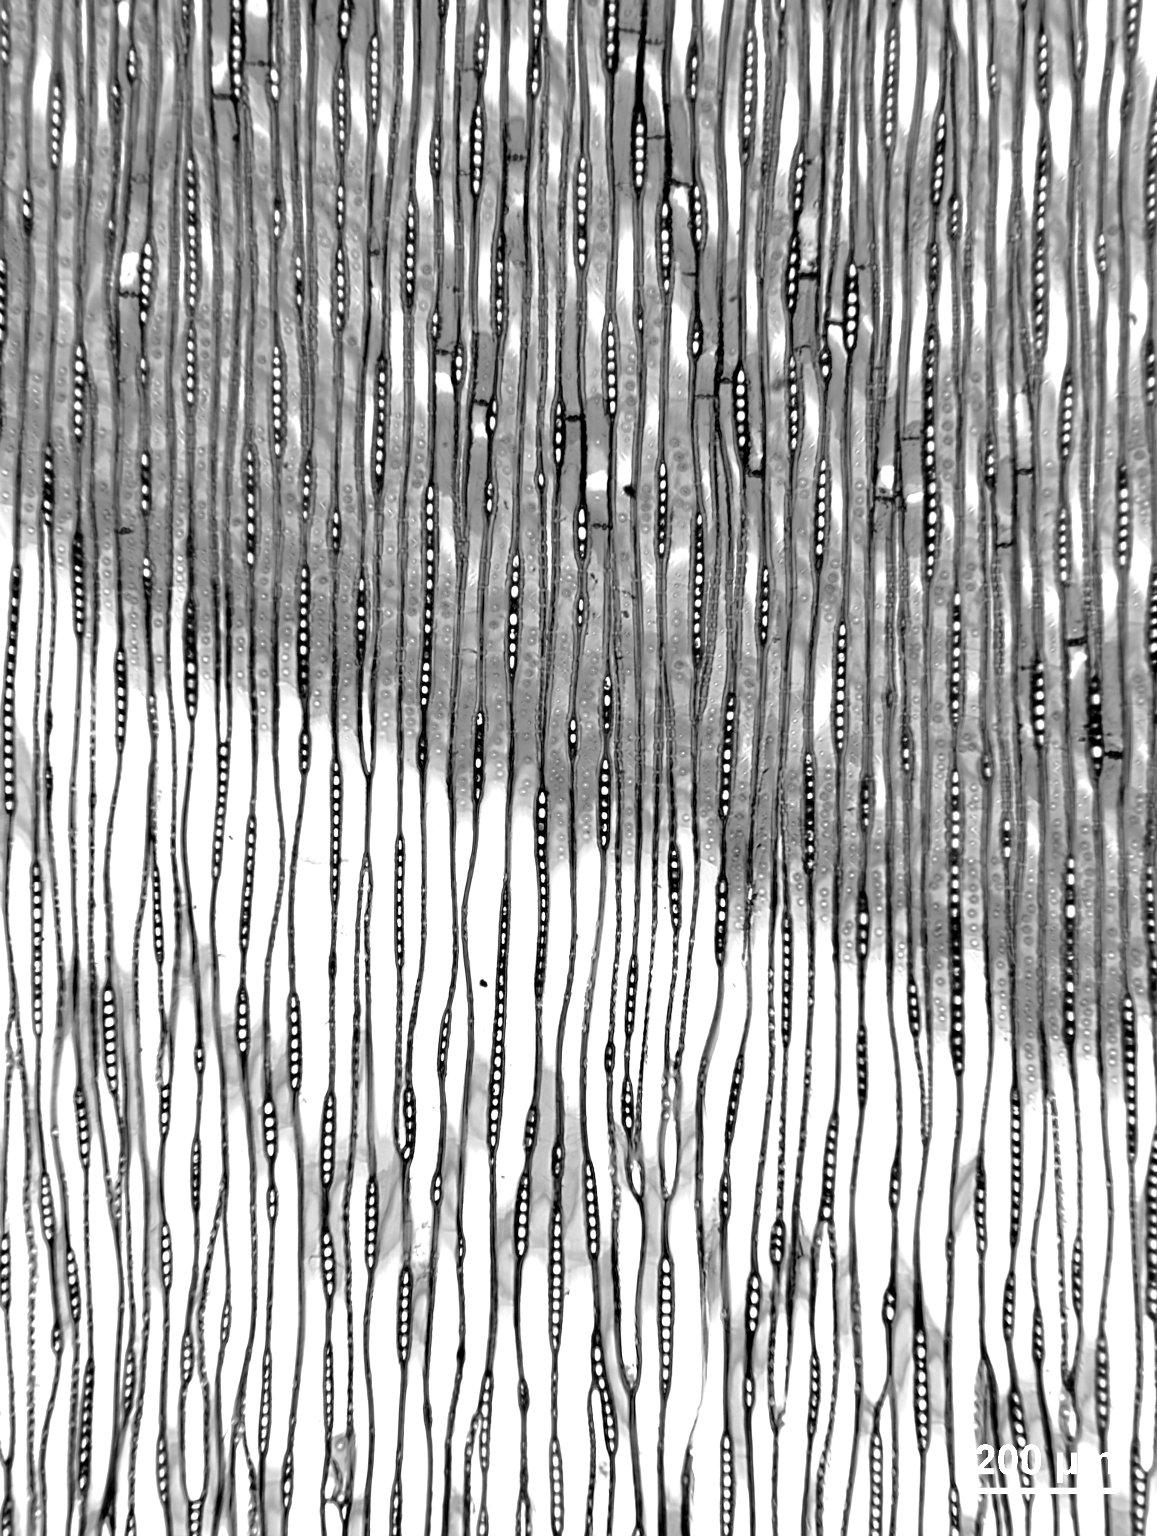 CUPRESSACEAE Taxodium distichum